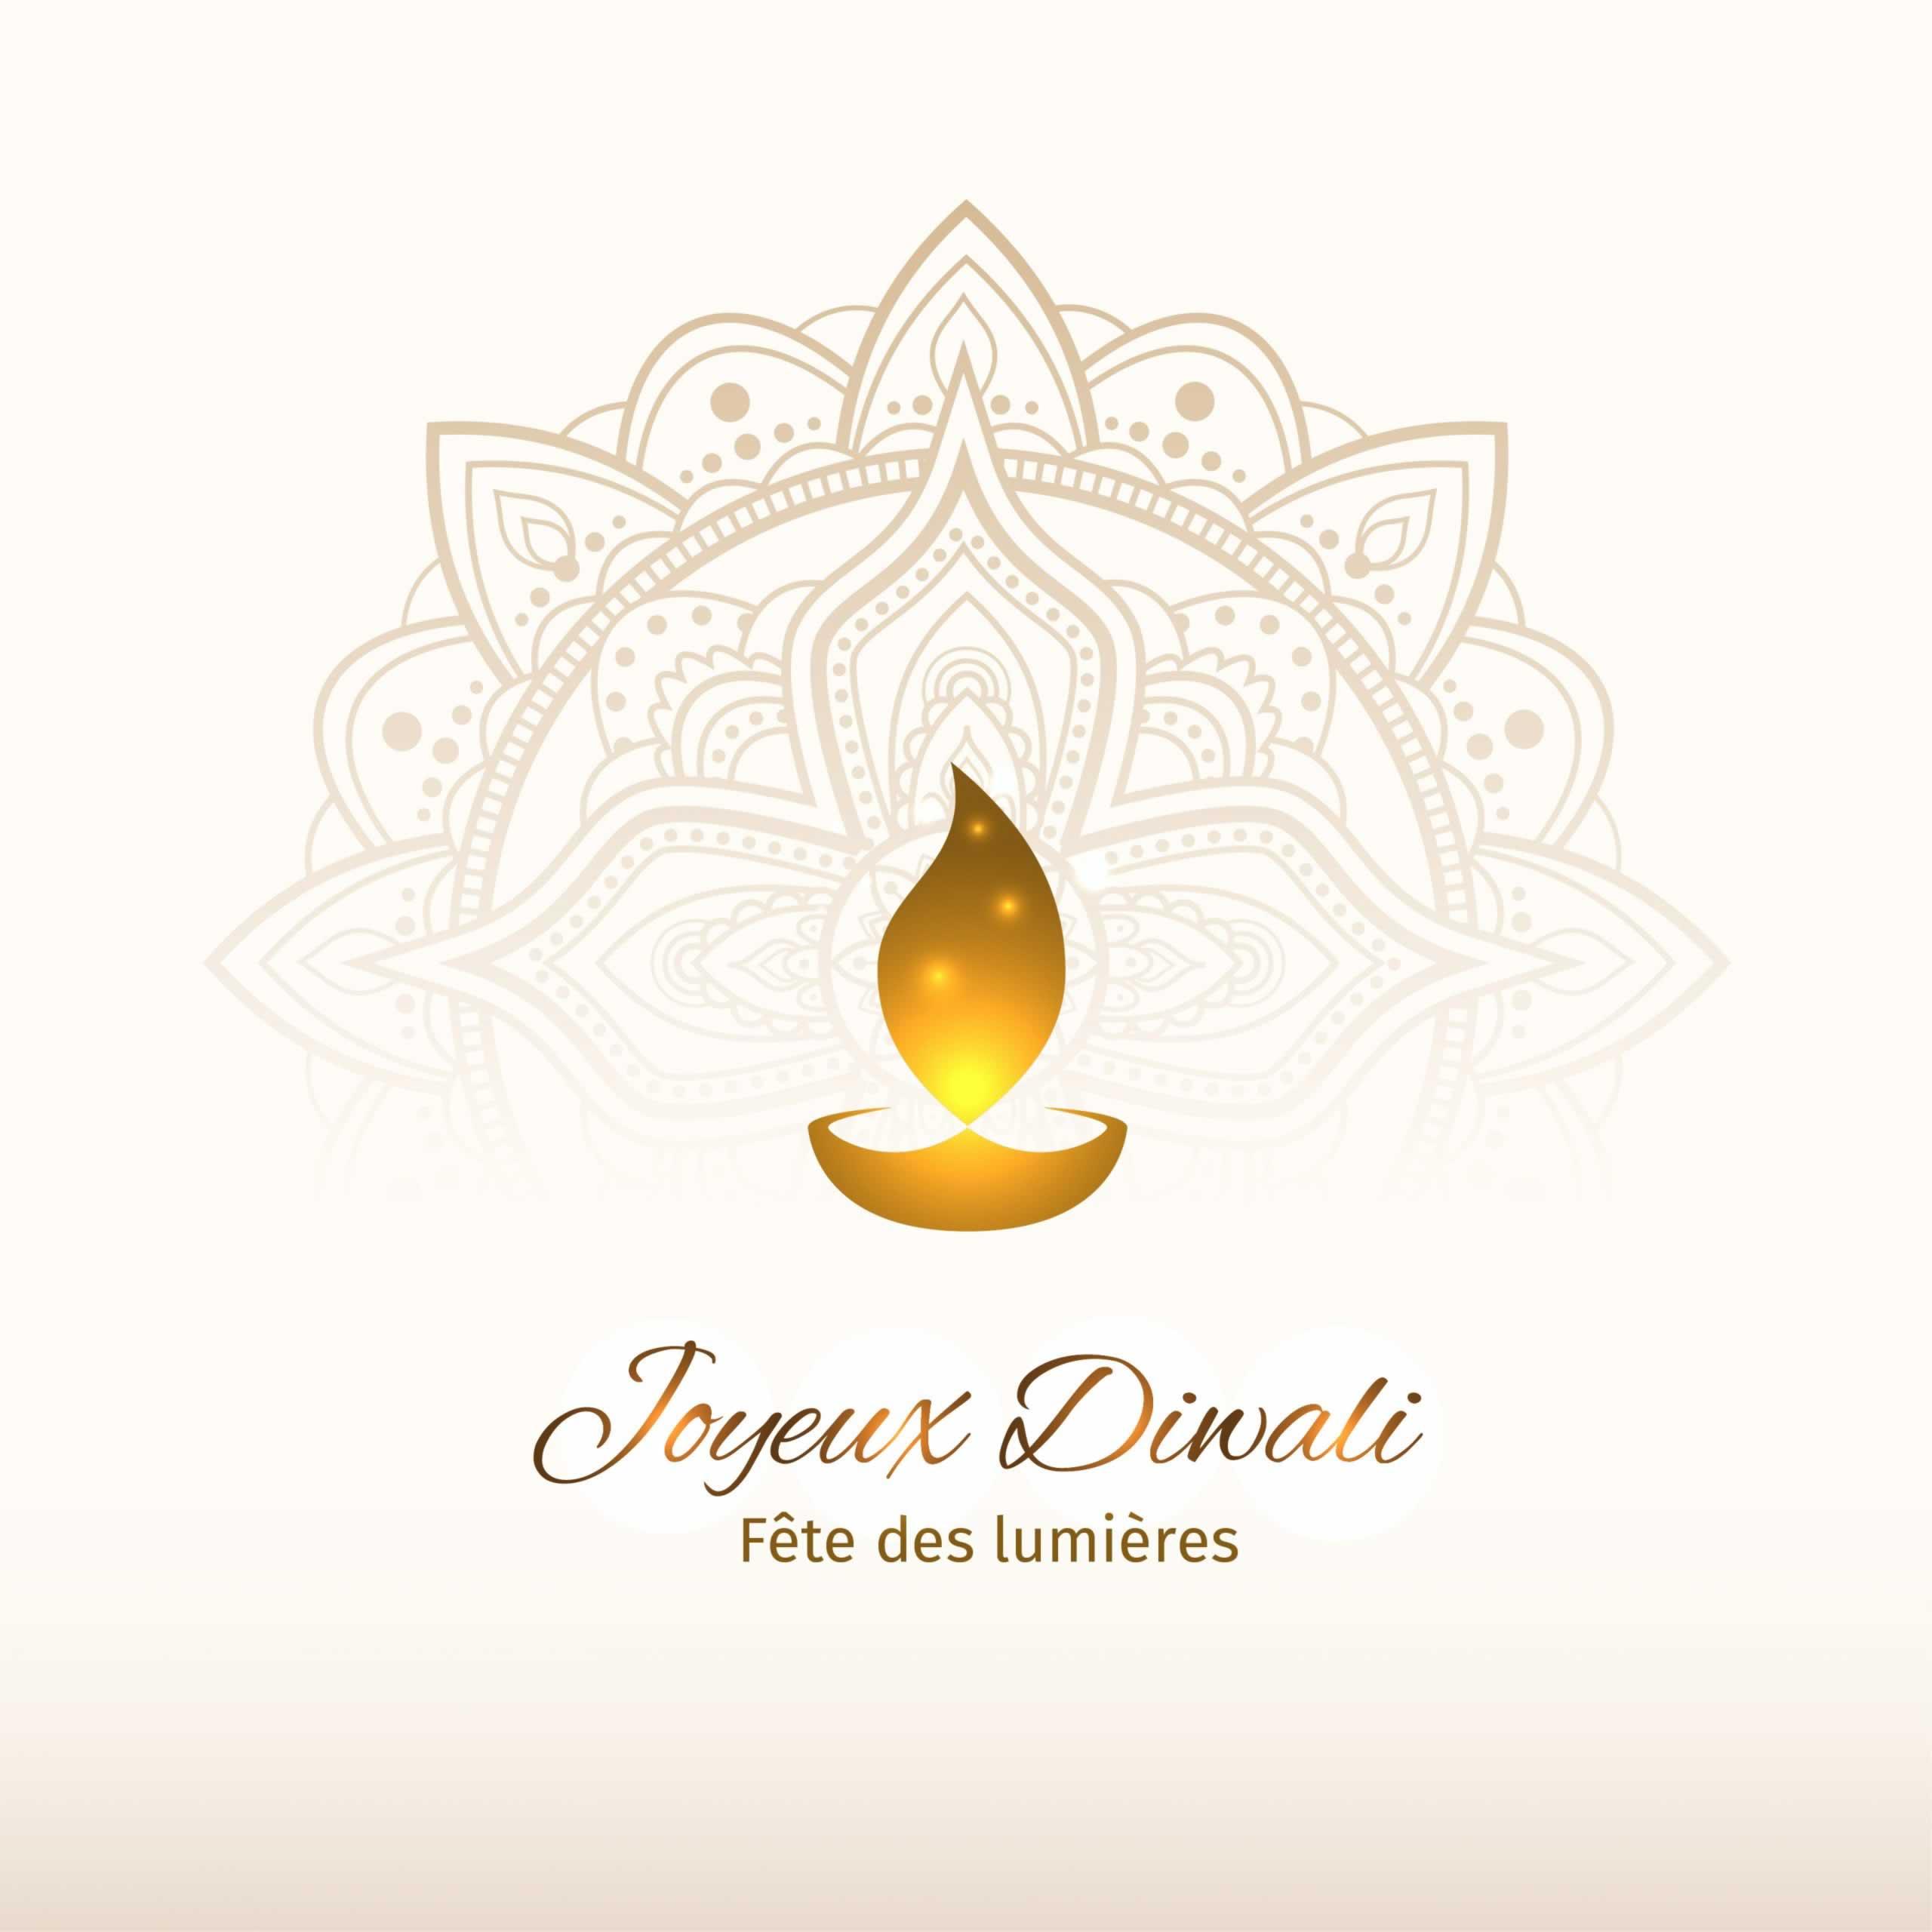 Une bougie sur une coupelle devant une couronne dorée et ornementée symbolisant Diwali, la fête des lumière dans la tradition hindoue